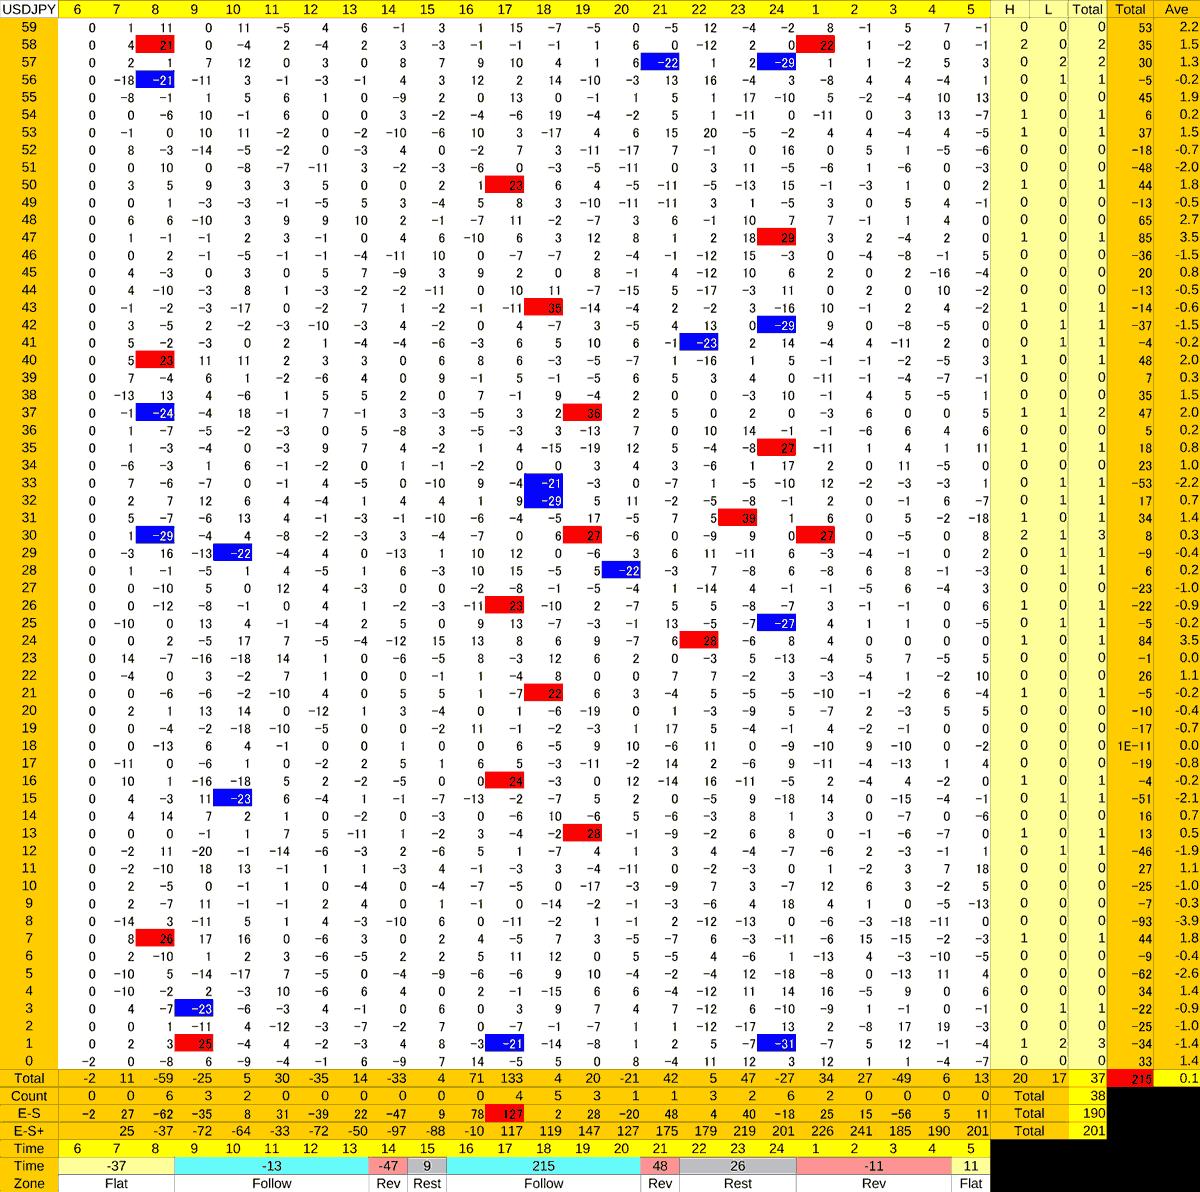 20210201_HS(1)USDJPY